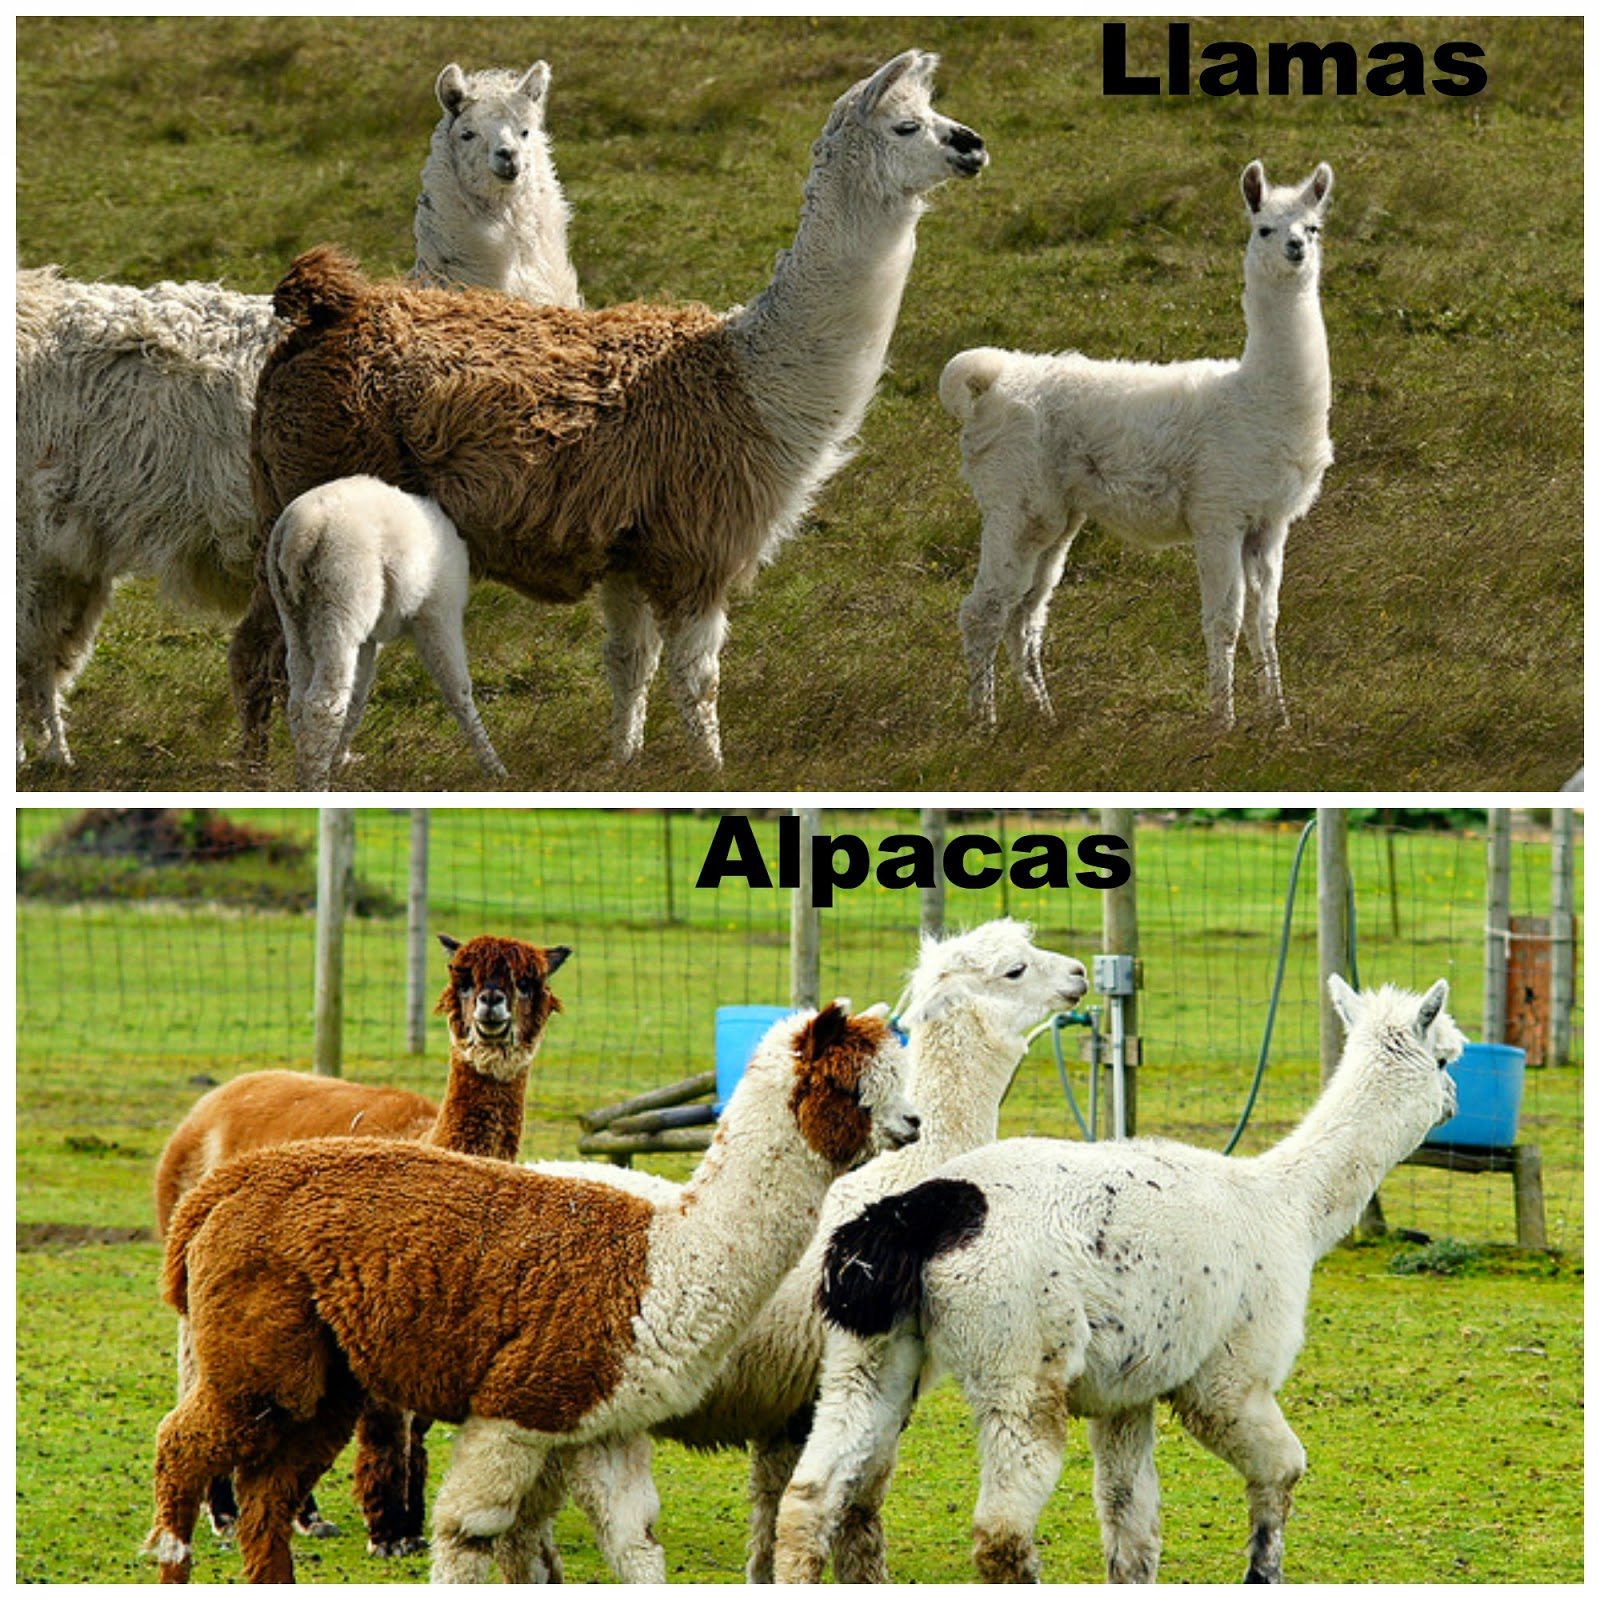 llamas and alpacas essay